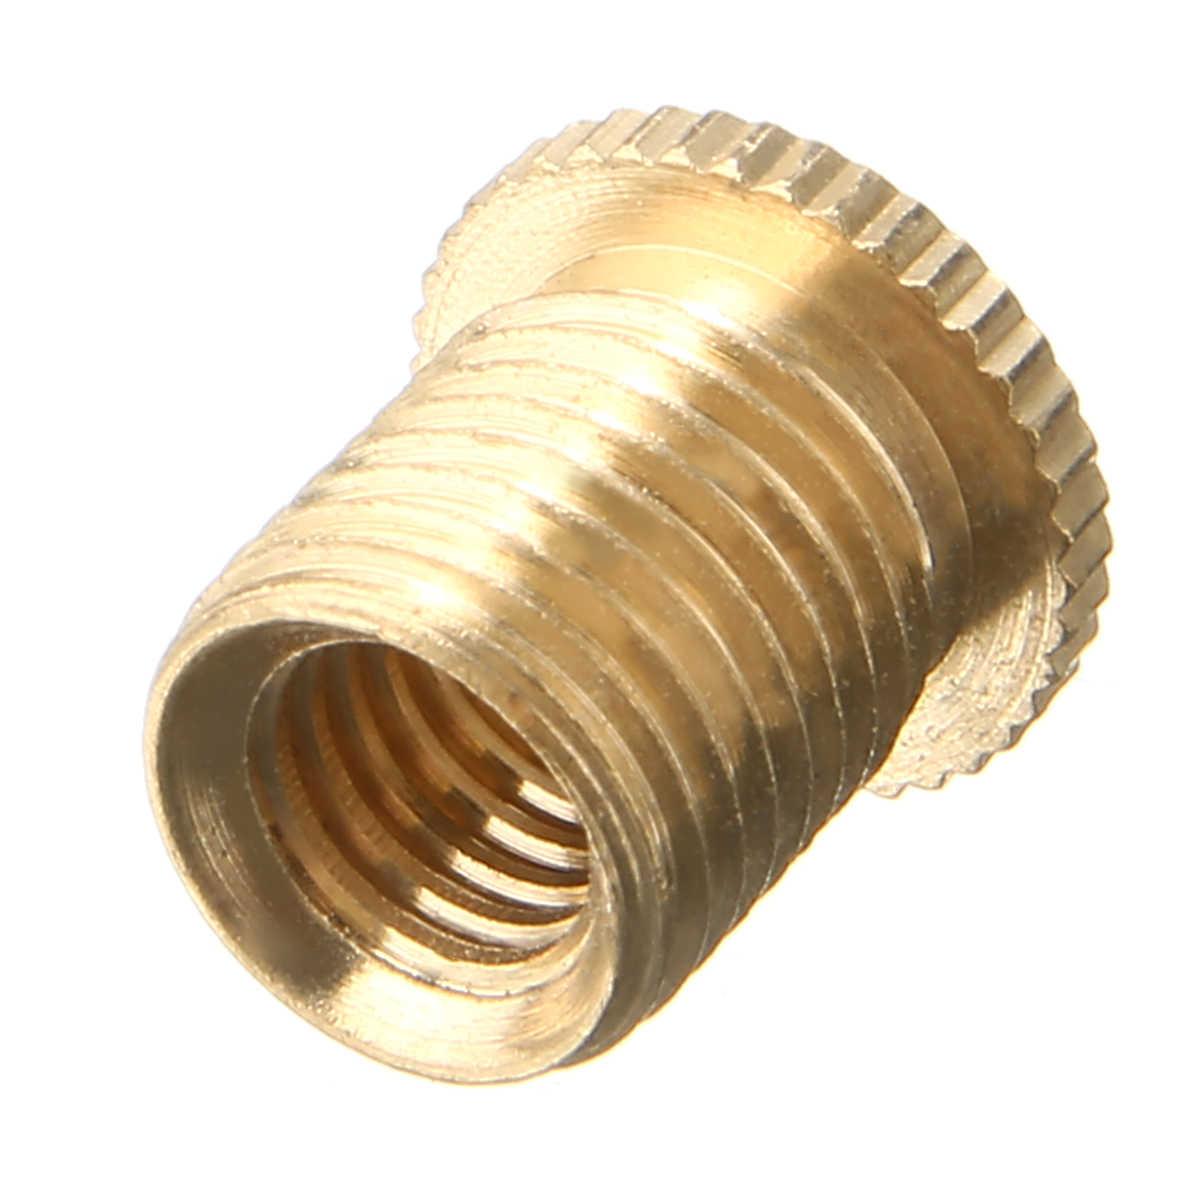 3 piezas M10x1.25 M10x1.5 M8x1.25 coche Auto engranaje palanca cambio pomo cabeza rosca tornillo adaptador aleación de aluminio accesorios piezas